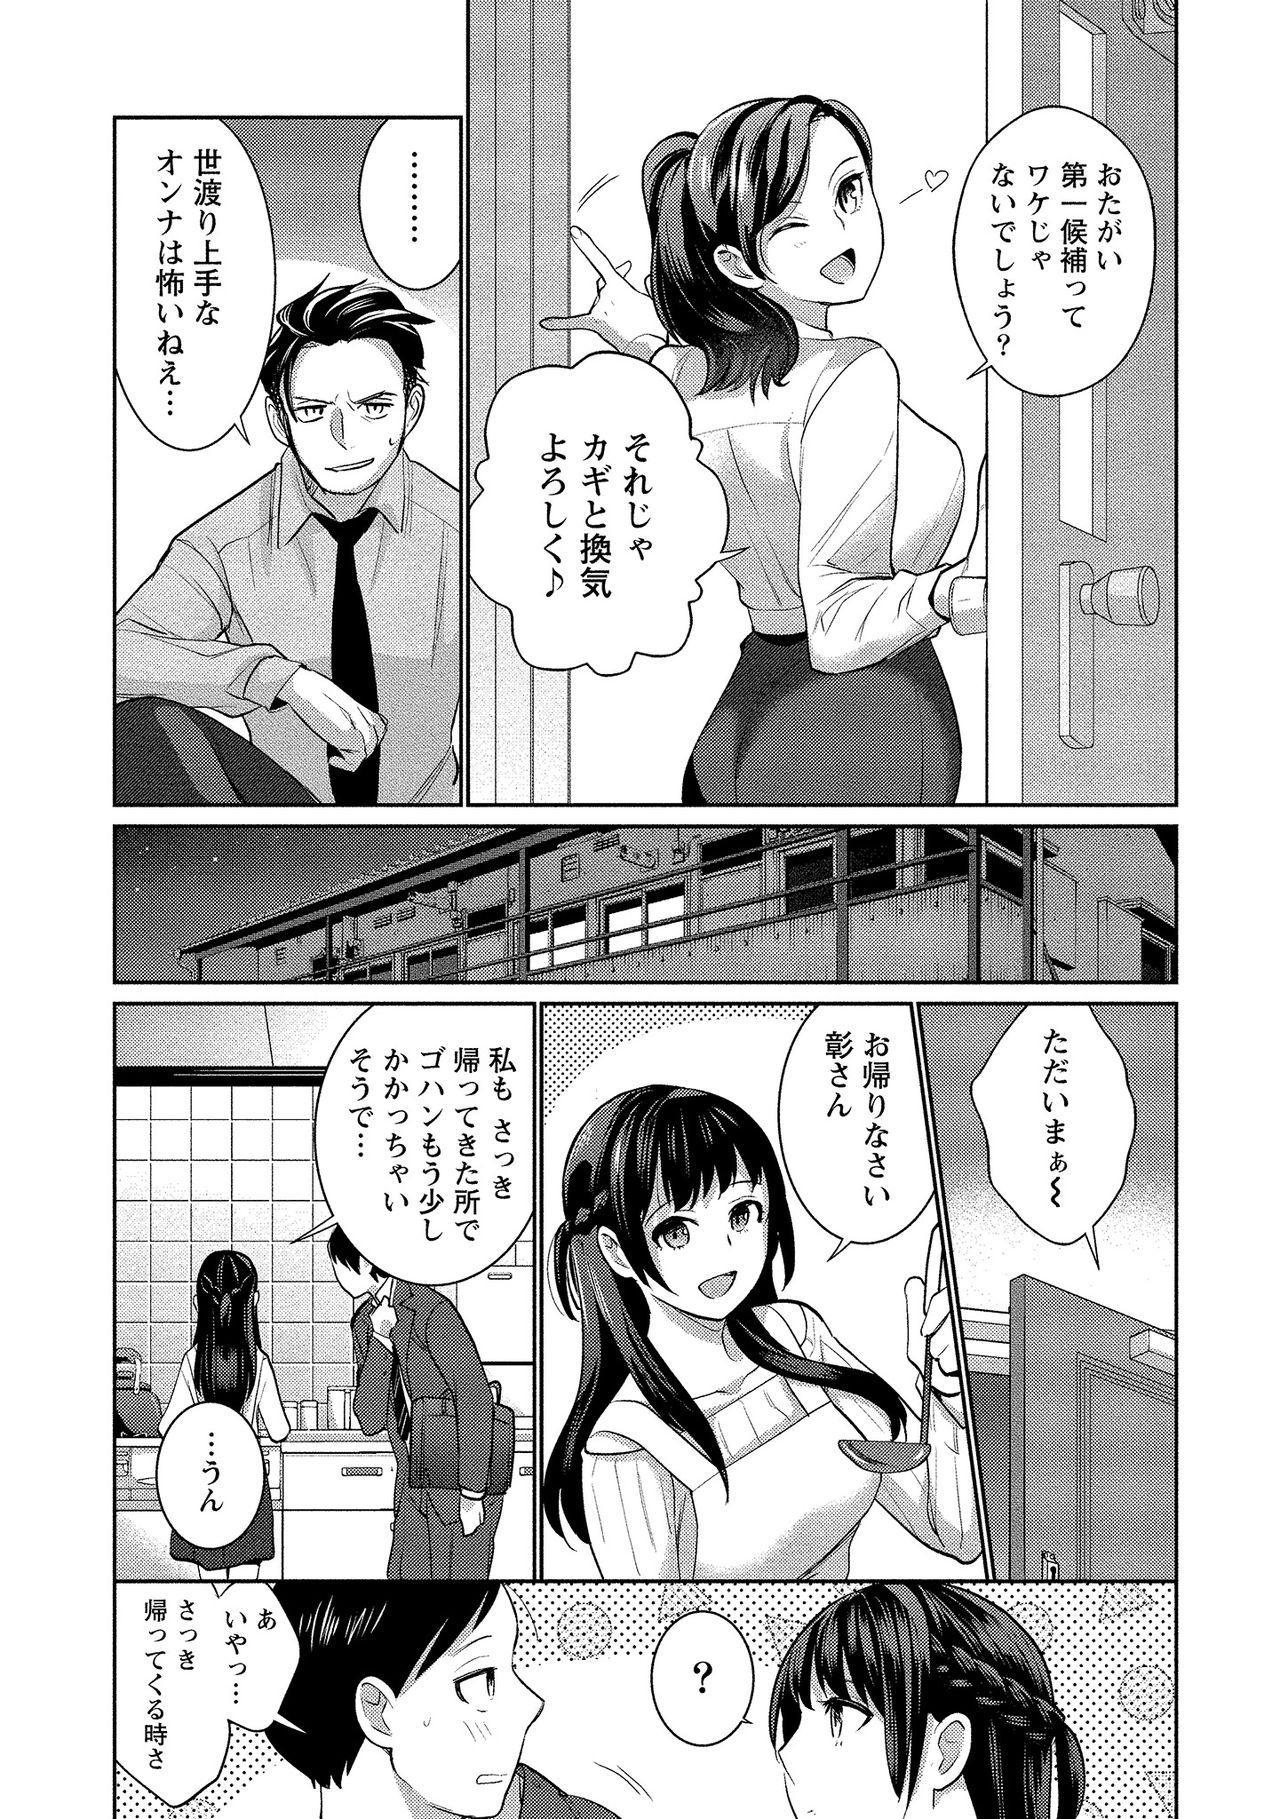 Dorobou Neko wa Kanojo no Hajimari 123